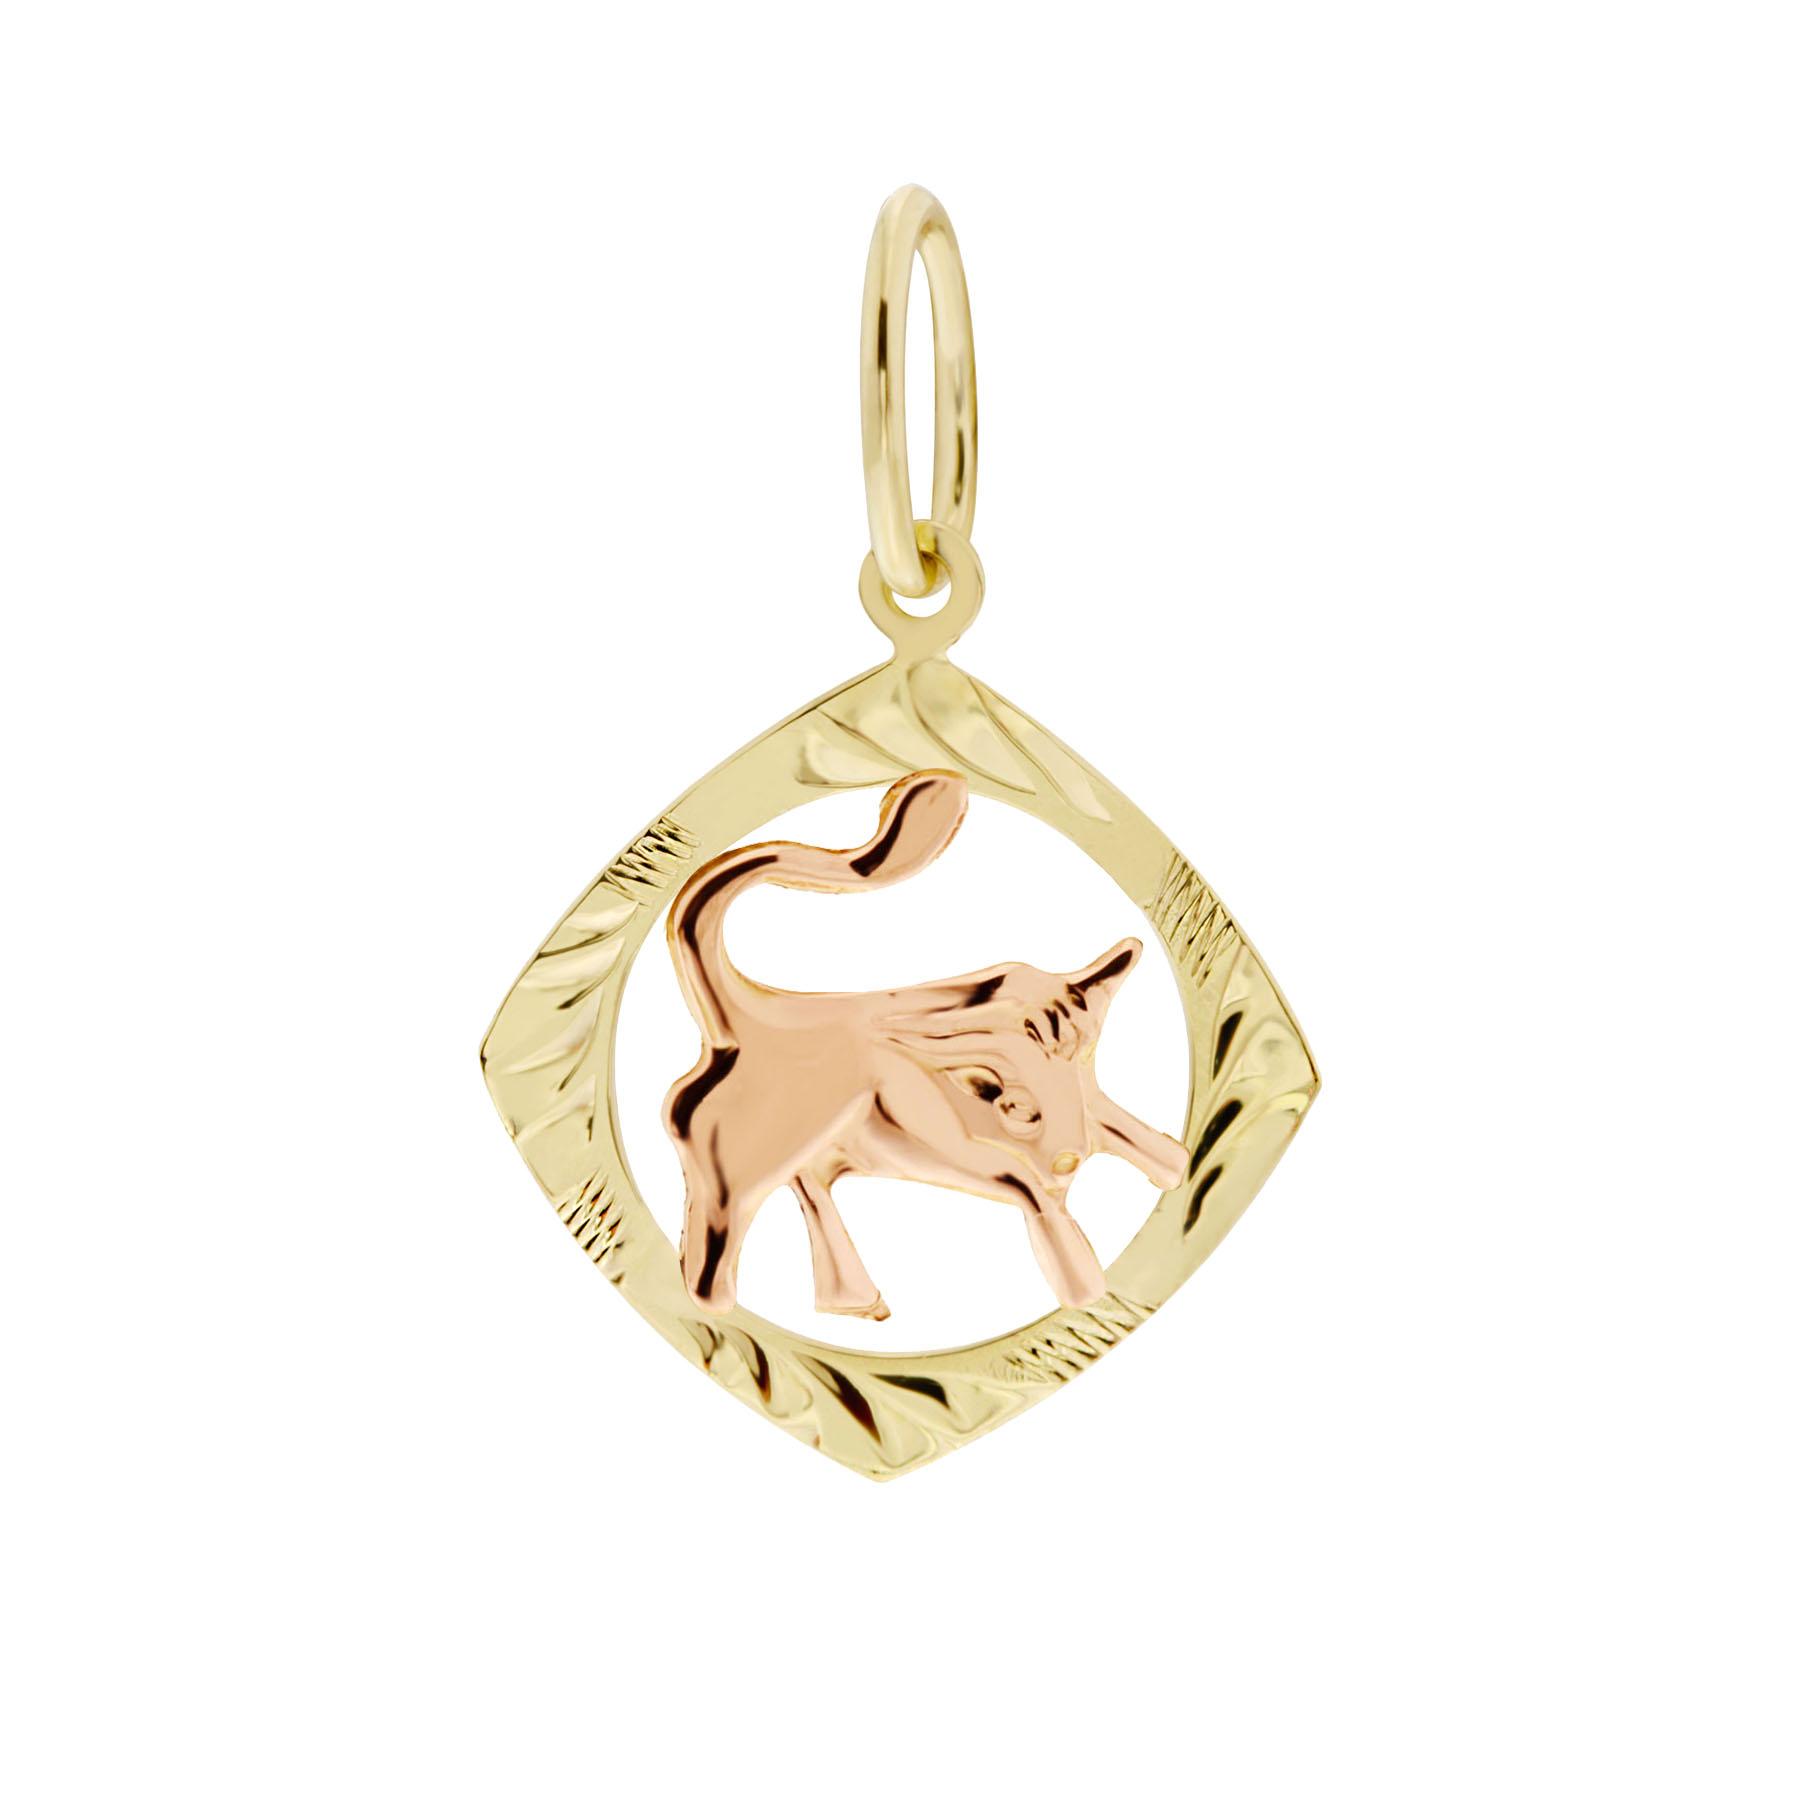 Zlatý přívěsek - znamení zvěrokruhu Býk Tvar: Čtvereček, rytý rámeček